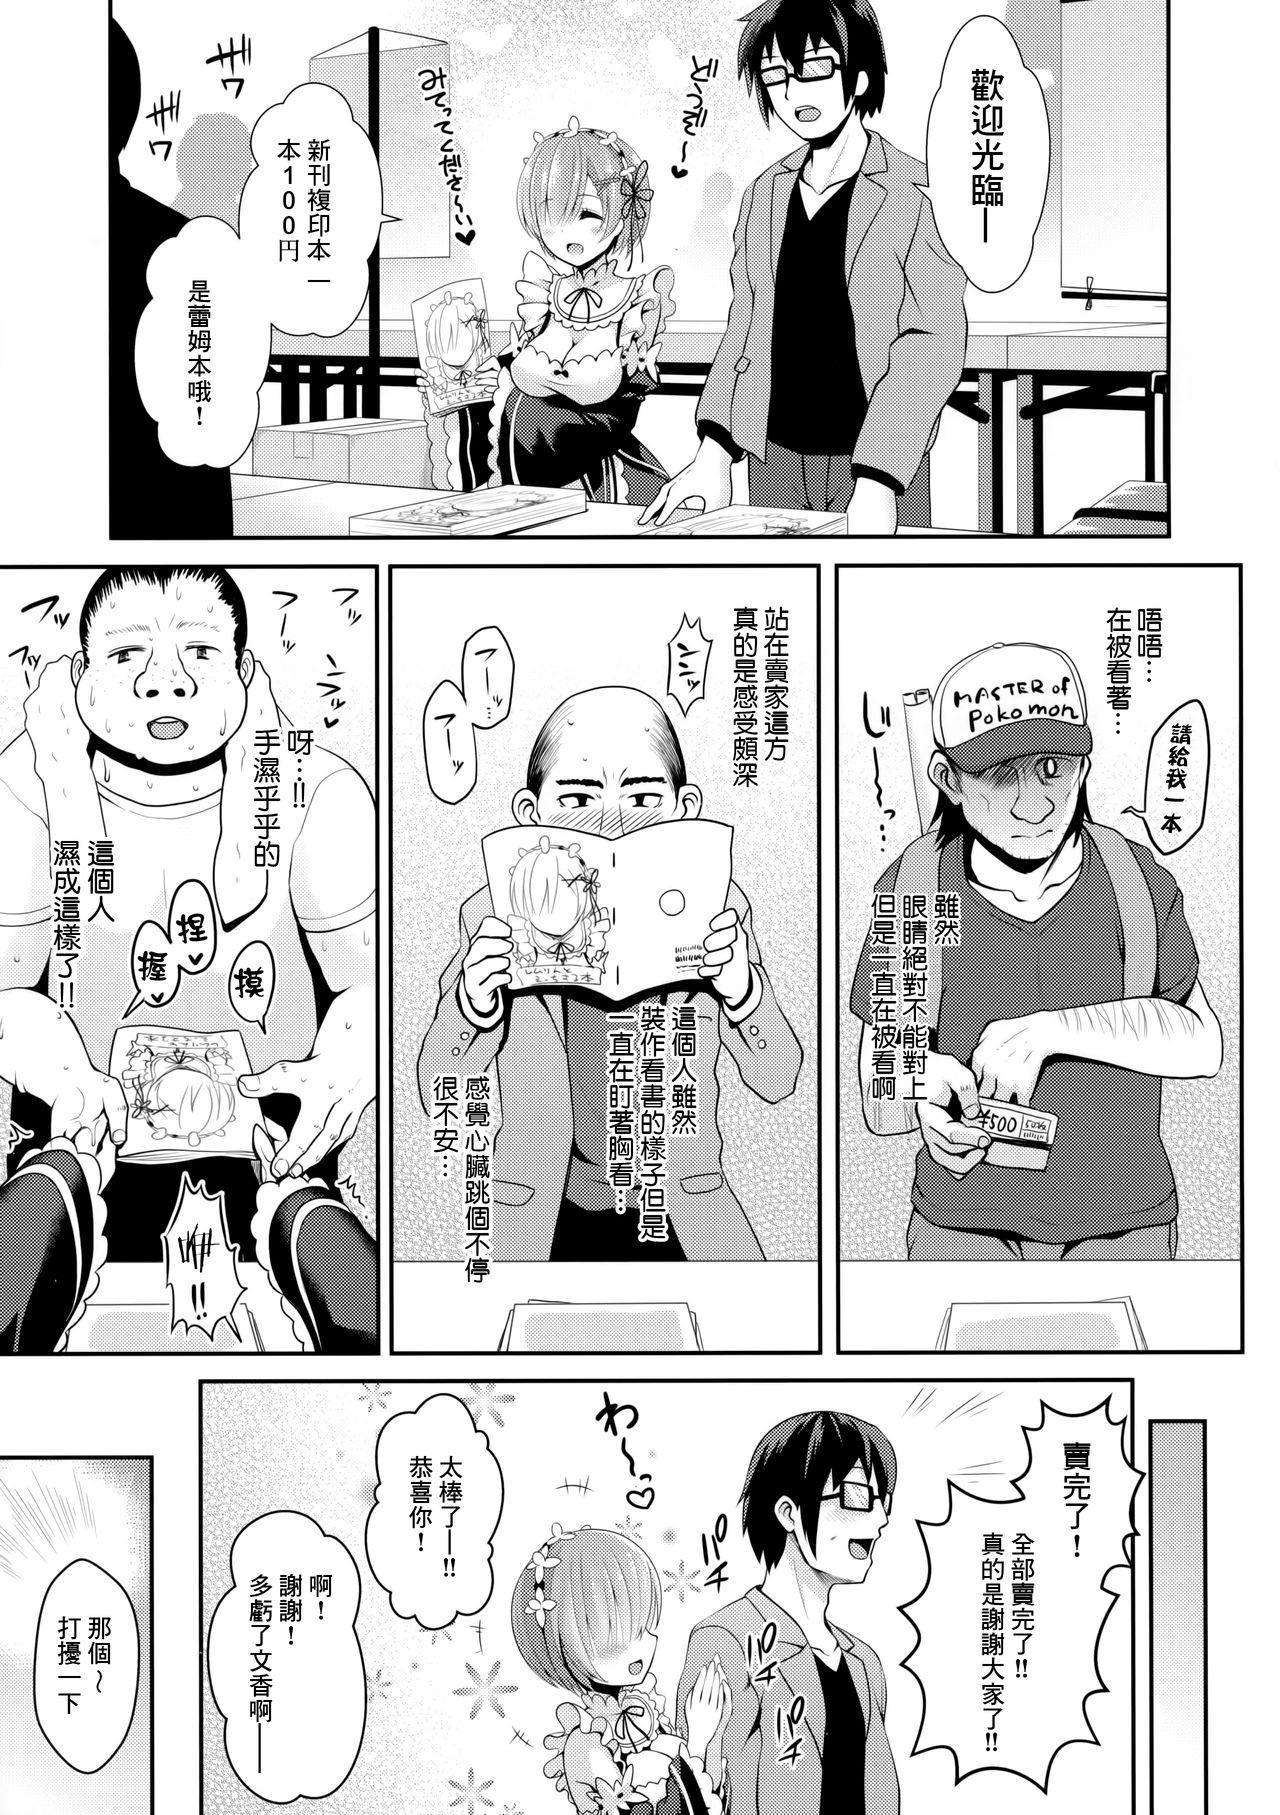 Zero kara Hajimeru Cosplay Seikatsu 6